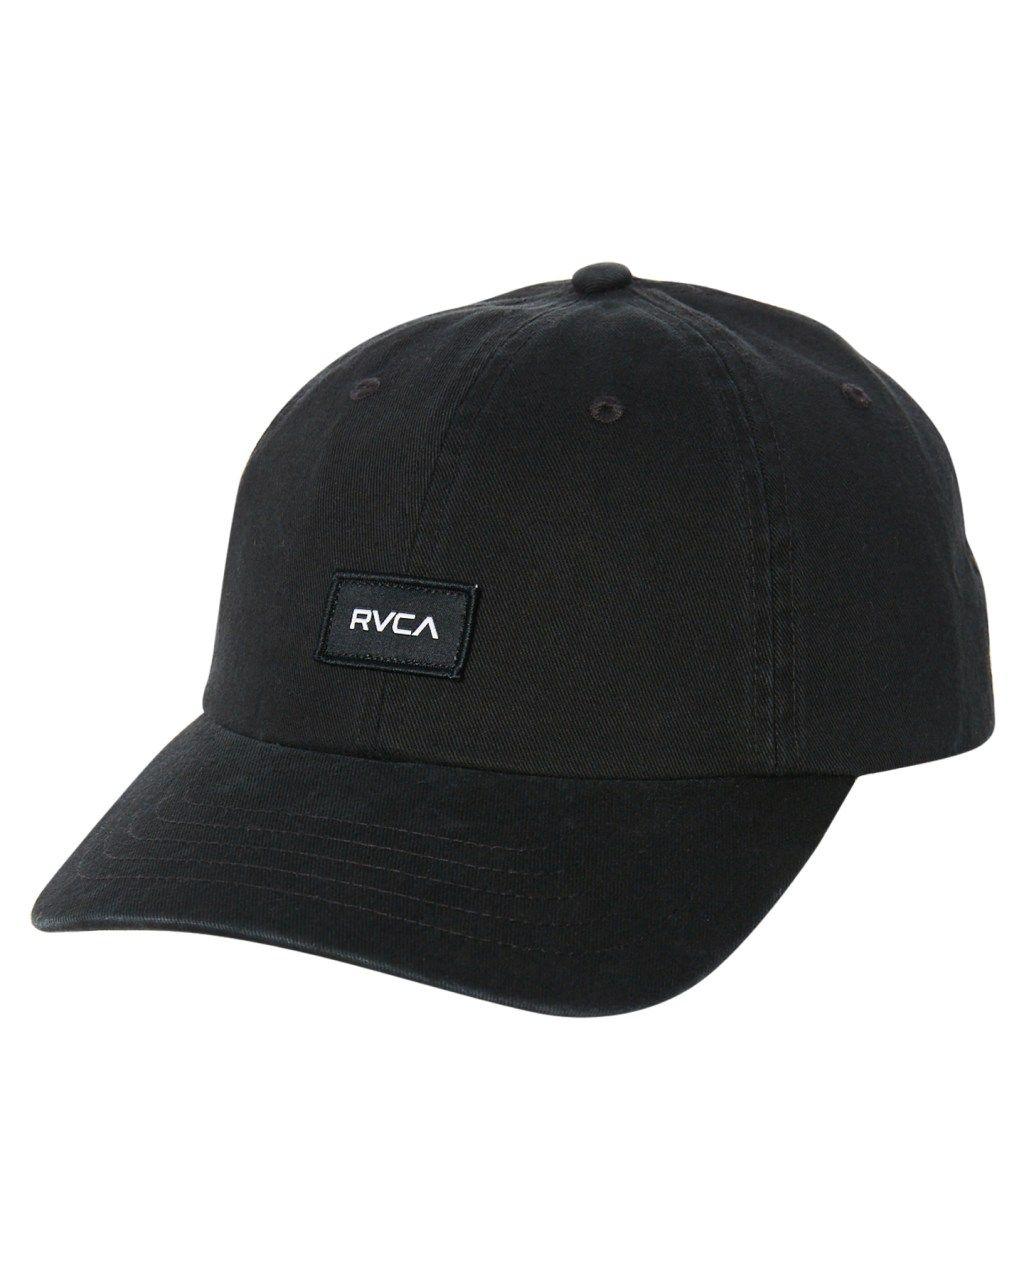 7f082b91022 Rvca The Rvca Focus Strapback Cap Black Mens Accessories Other Size ...